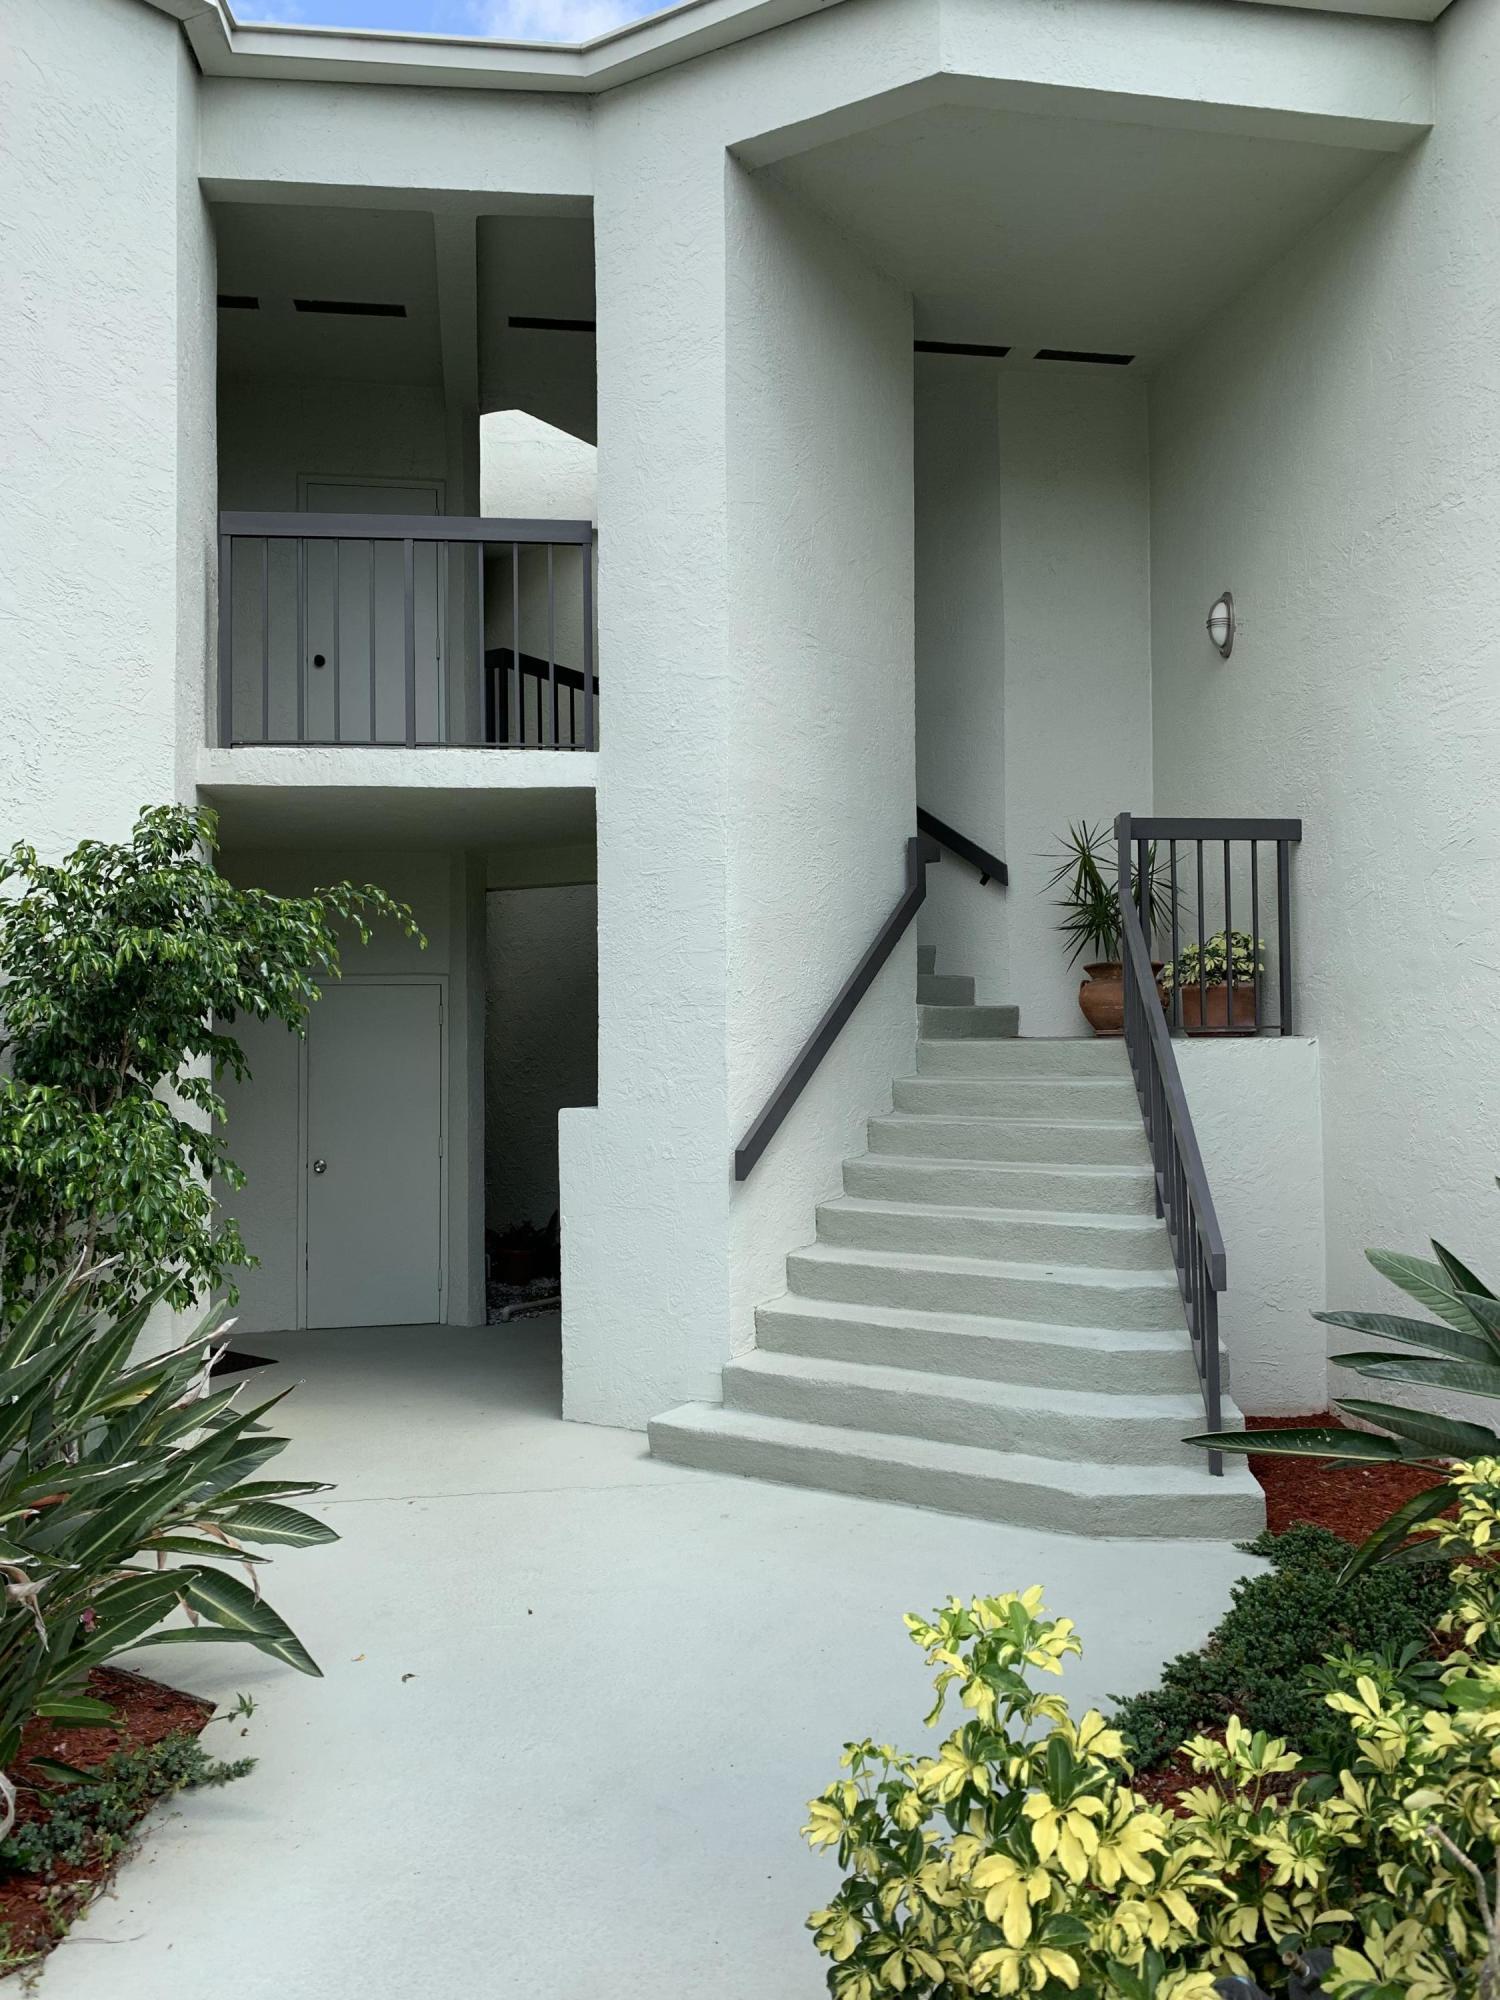 6417 La Costa Drive, Boca Raton, Florida 33433, 3 Bedrooms Bedrooms, ,2.1 BathroomsBathrooms,Condo/Coop,For Sale,LA COSTA DEL MAR CONDO,La Costa,2,RX-10530546